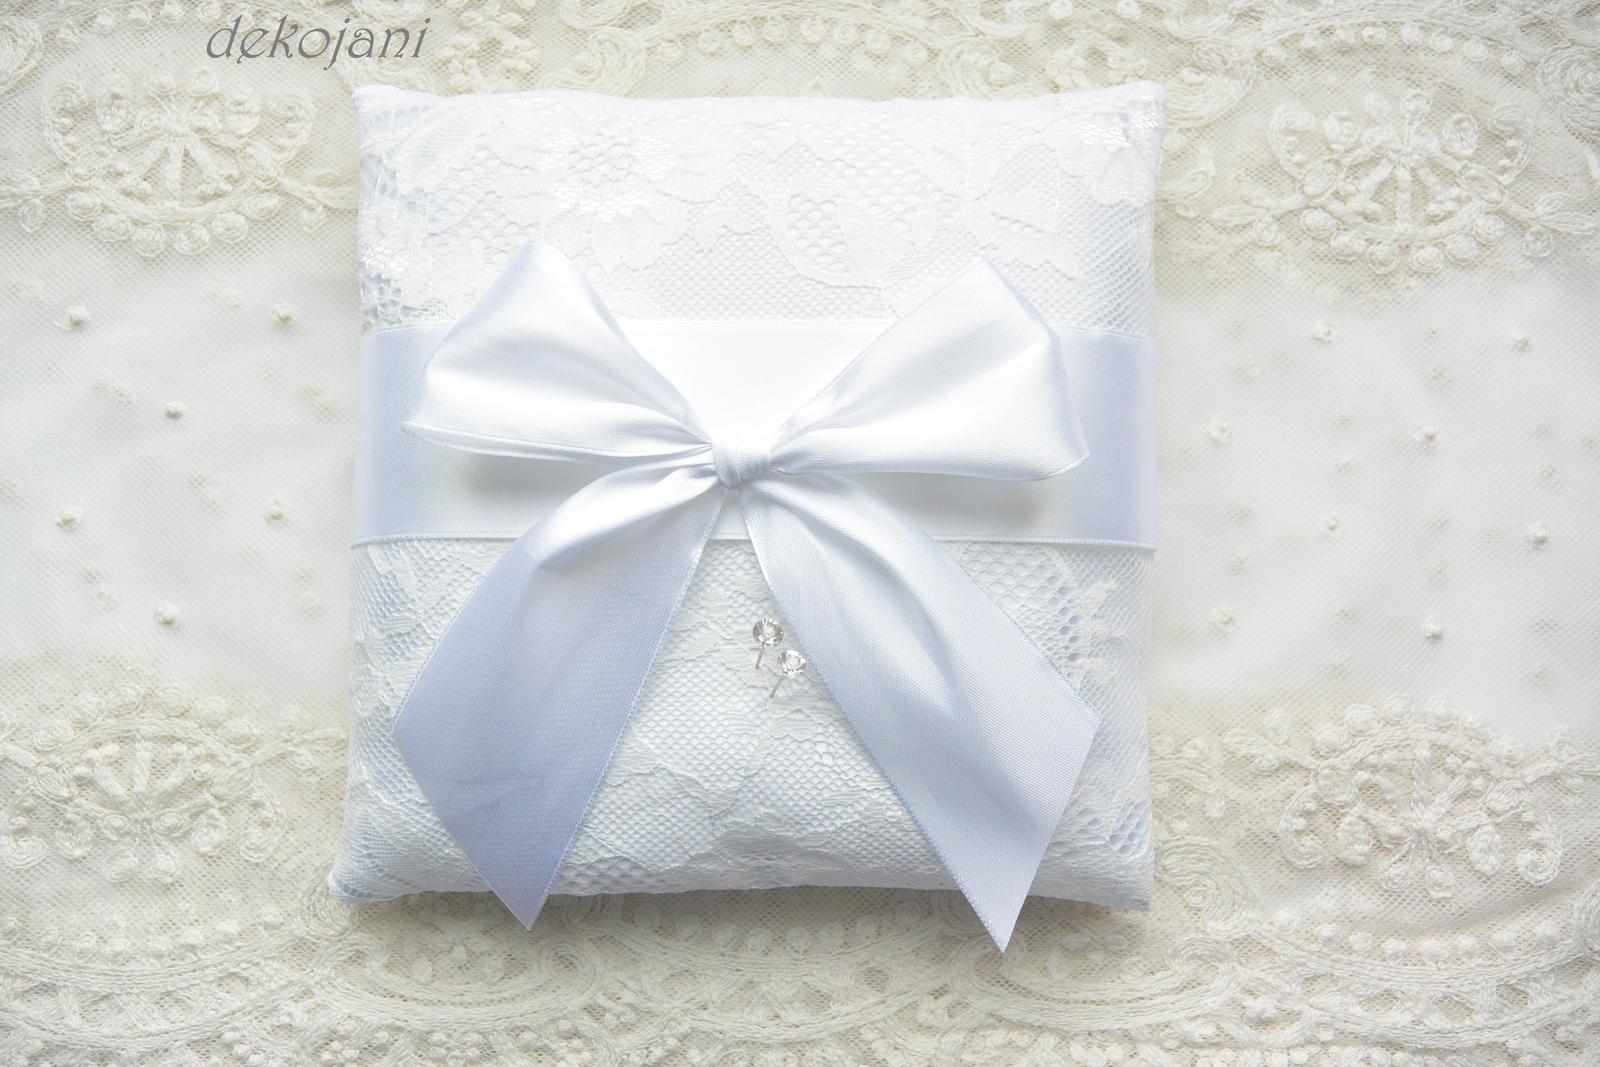 Luxusní svatební doplňky a dekorace. - Obrázek č. 4